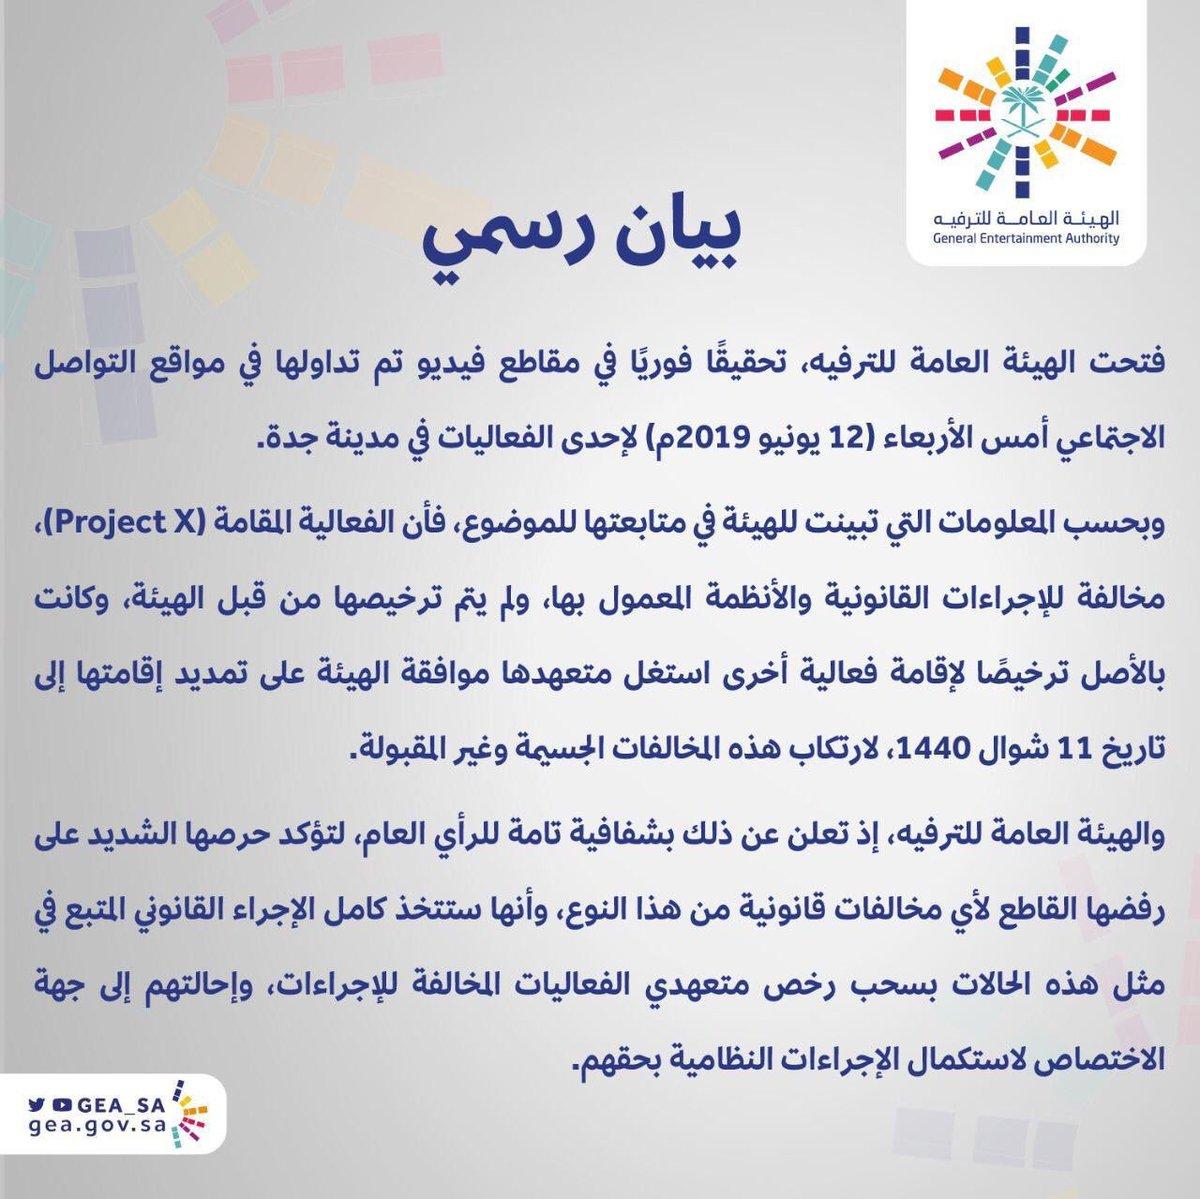 الهيئة العامة للترفيه تفتح تحقيقاً فورياً في مقاطع فيديو تم تداولها لإحدى الفعاليات في مدينة جدة لم يتم ترخيصها من قبل الهيئة